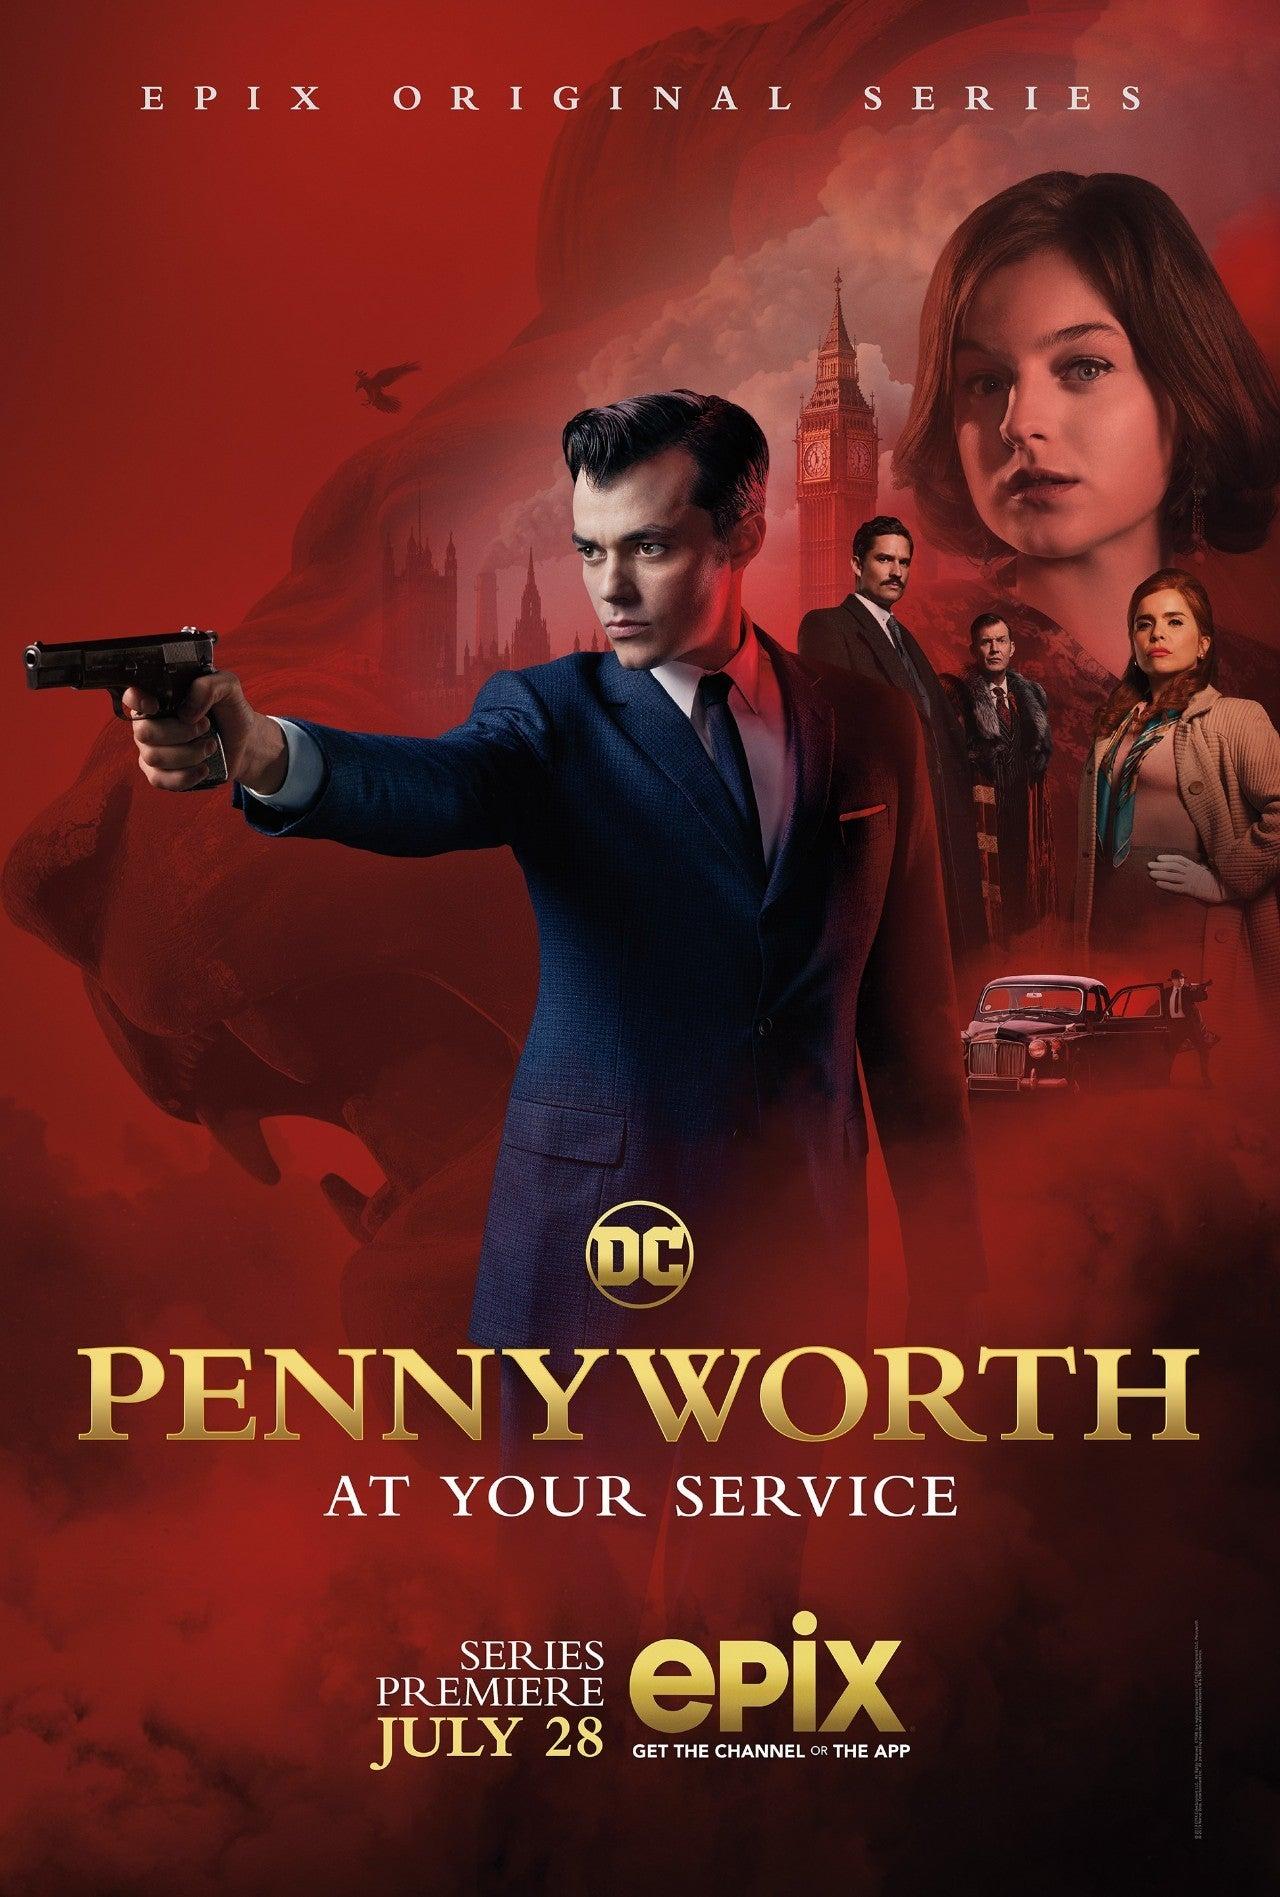 Первый трейлер сериала «Пенниуорт» про дворецкого Бэтмена